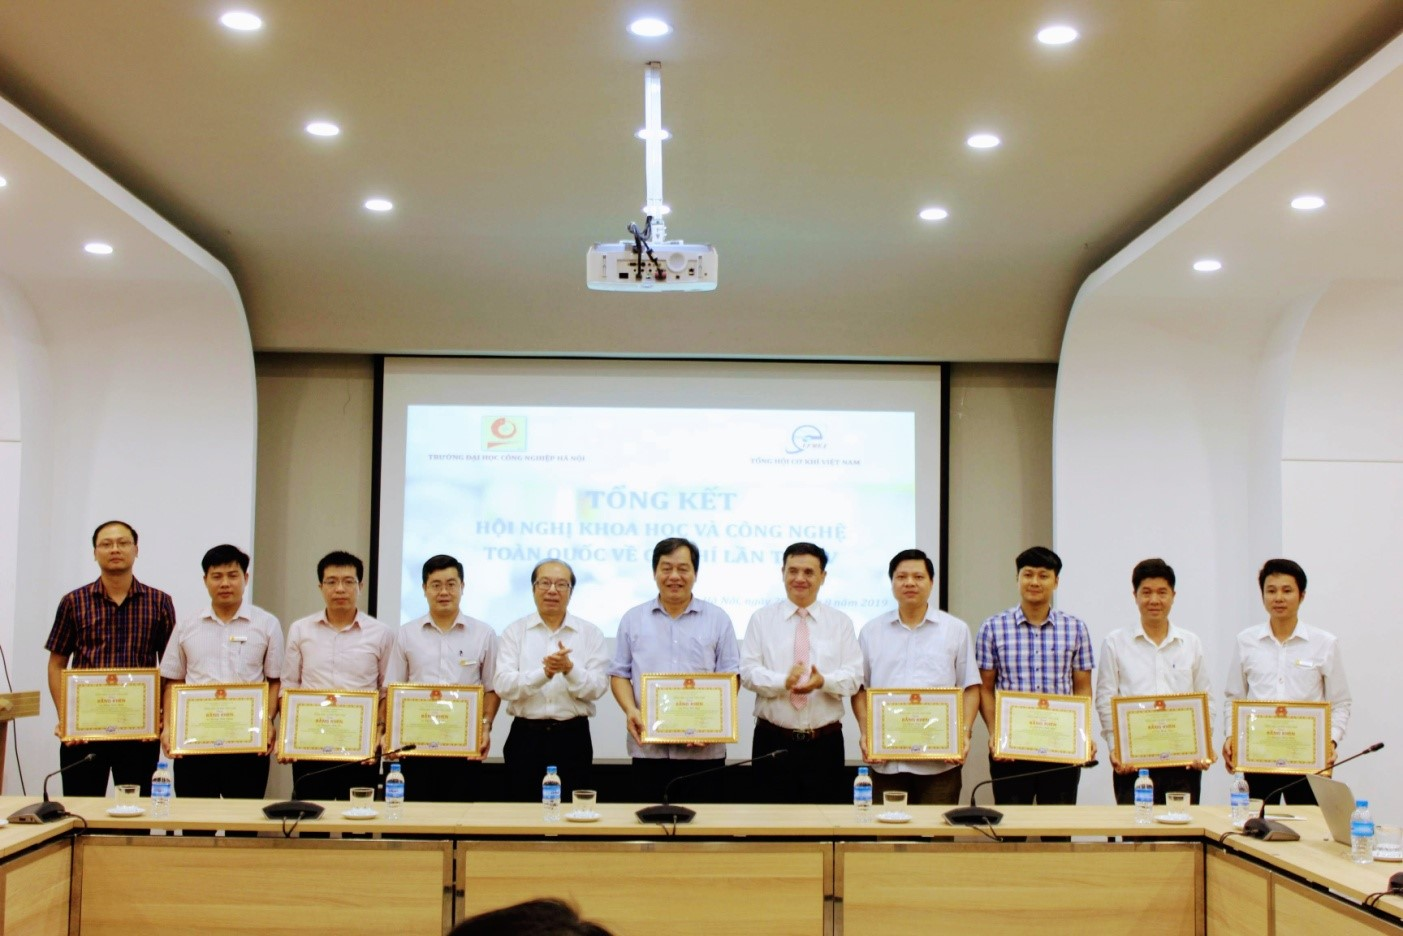 Hội nghị Khoa học và Công nghệ toàn quốc Cơ khí lần thứ V tại Đại học Công nghiệp Hà Nội thành công tốt đẹp